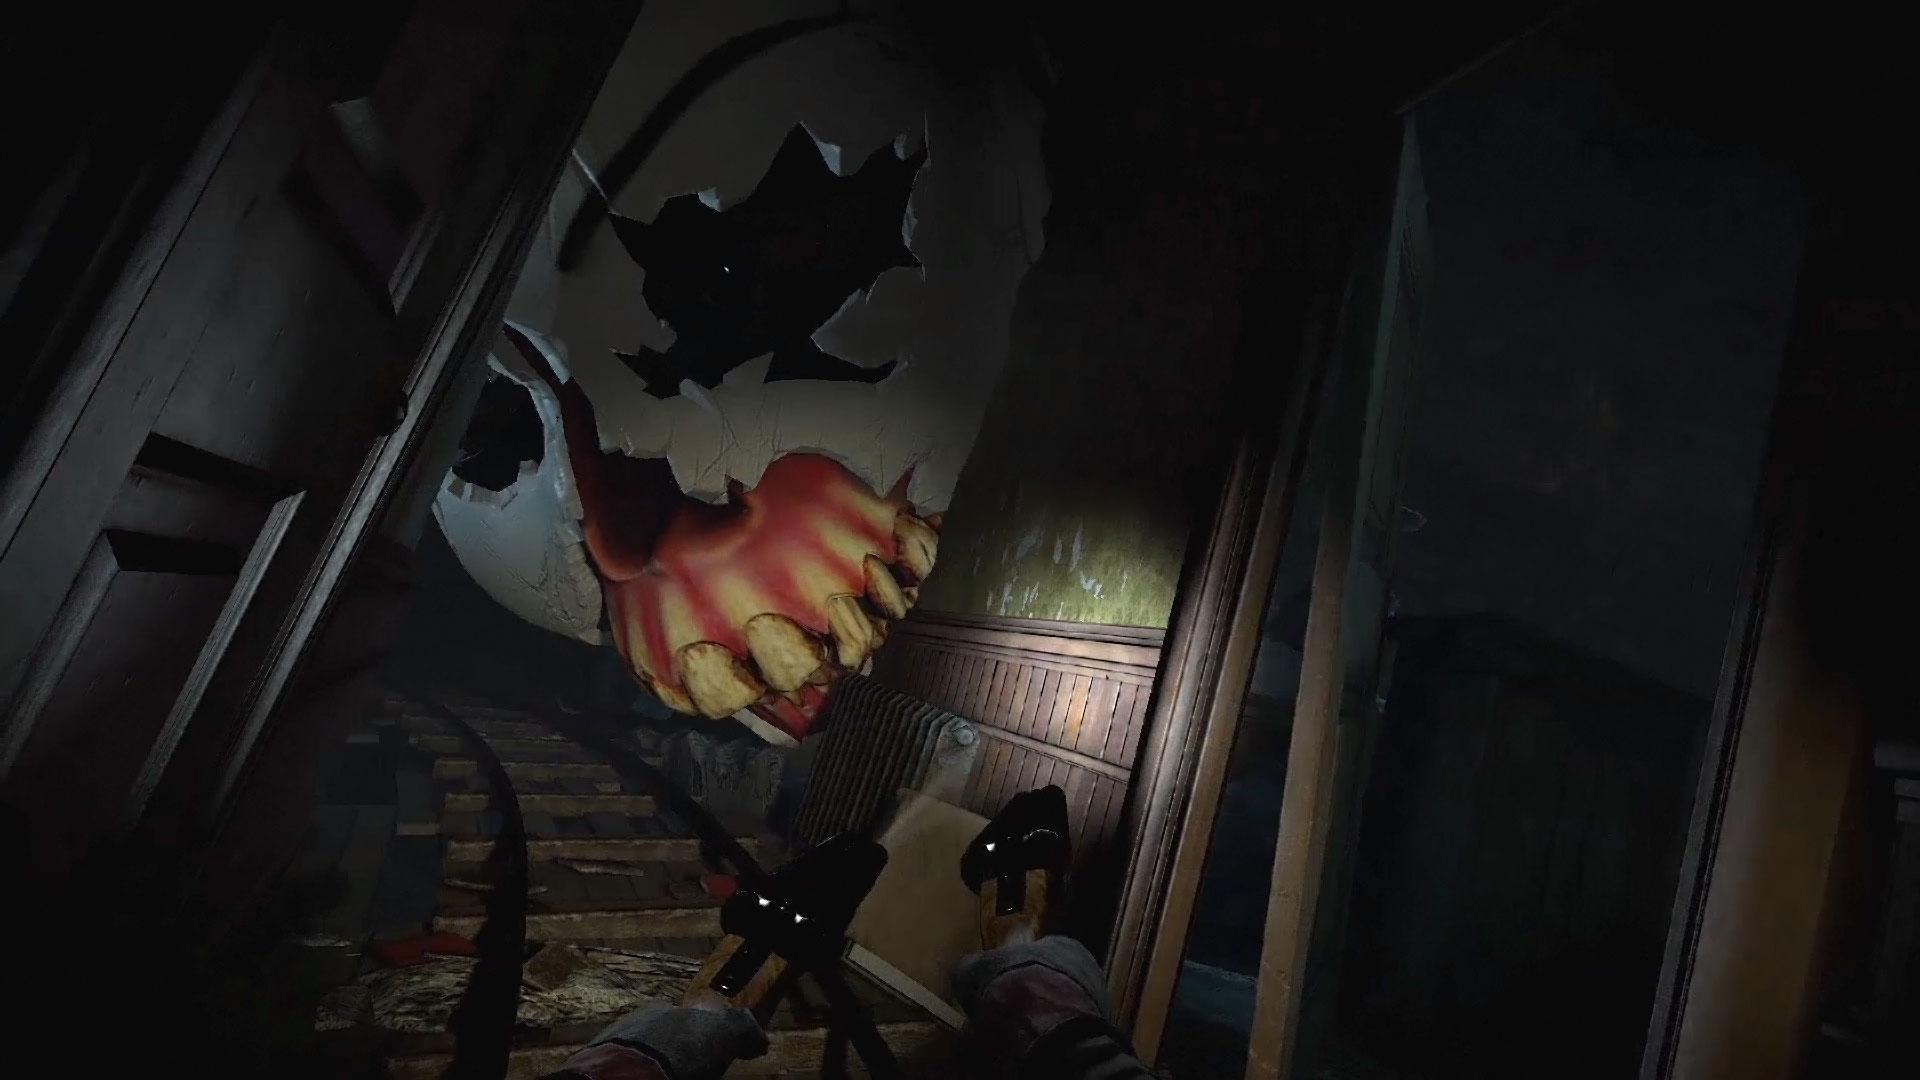 """Blutrausch in der Geister-Achterbahn: Mit dem Spin-Off """"Rush of Blood"""" zu seinem filmisch aufgezogenen Games-Grusical """"Until Dawn"""" liefert Sony einen der stärksten Titel für sein Cyber-Headset """"PlayStation VR"""". (13.10. für PS4, PS VR)"""